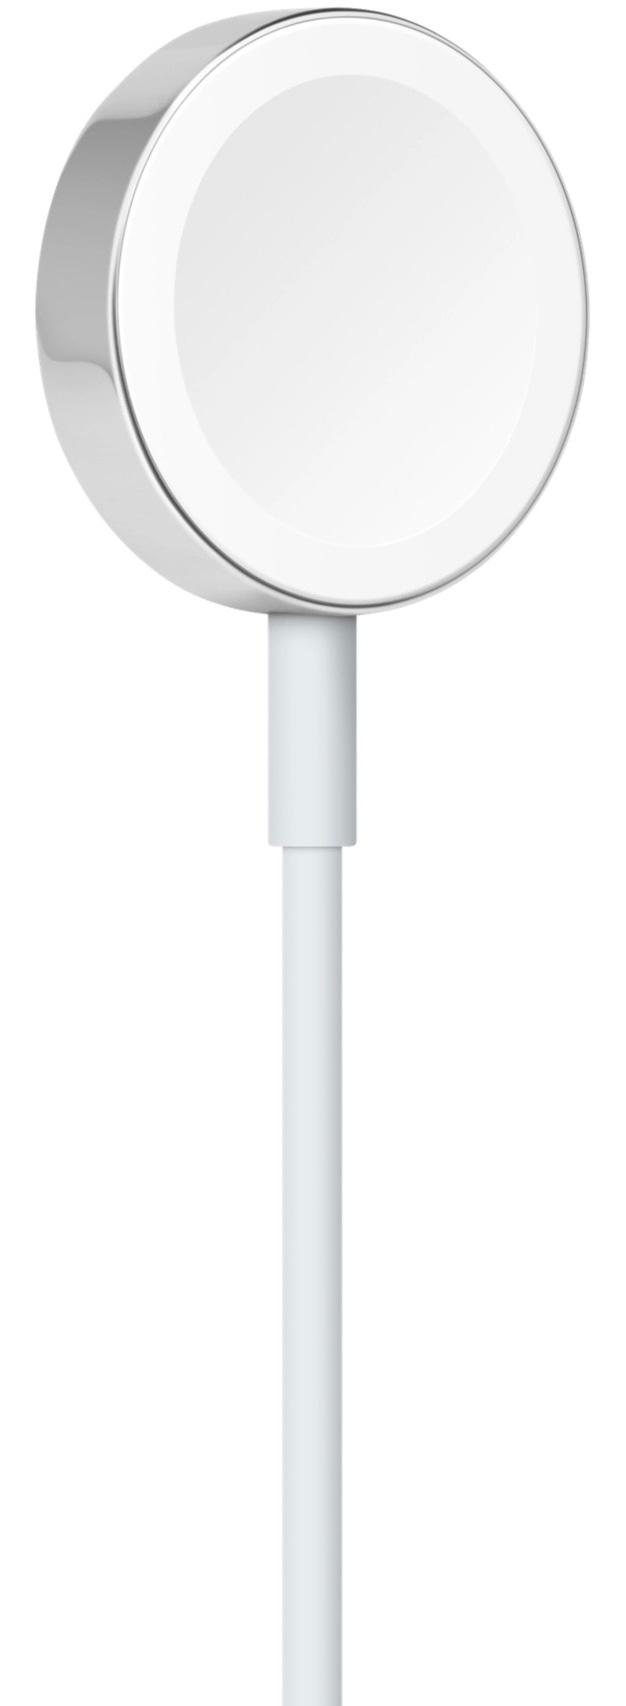 Cabo/carregador magnético do Apple Watch